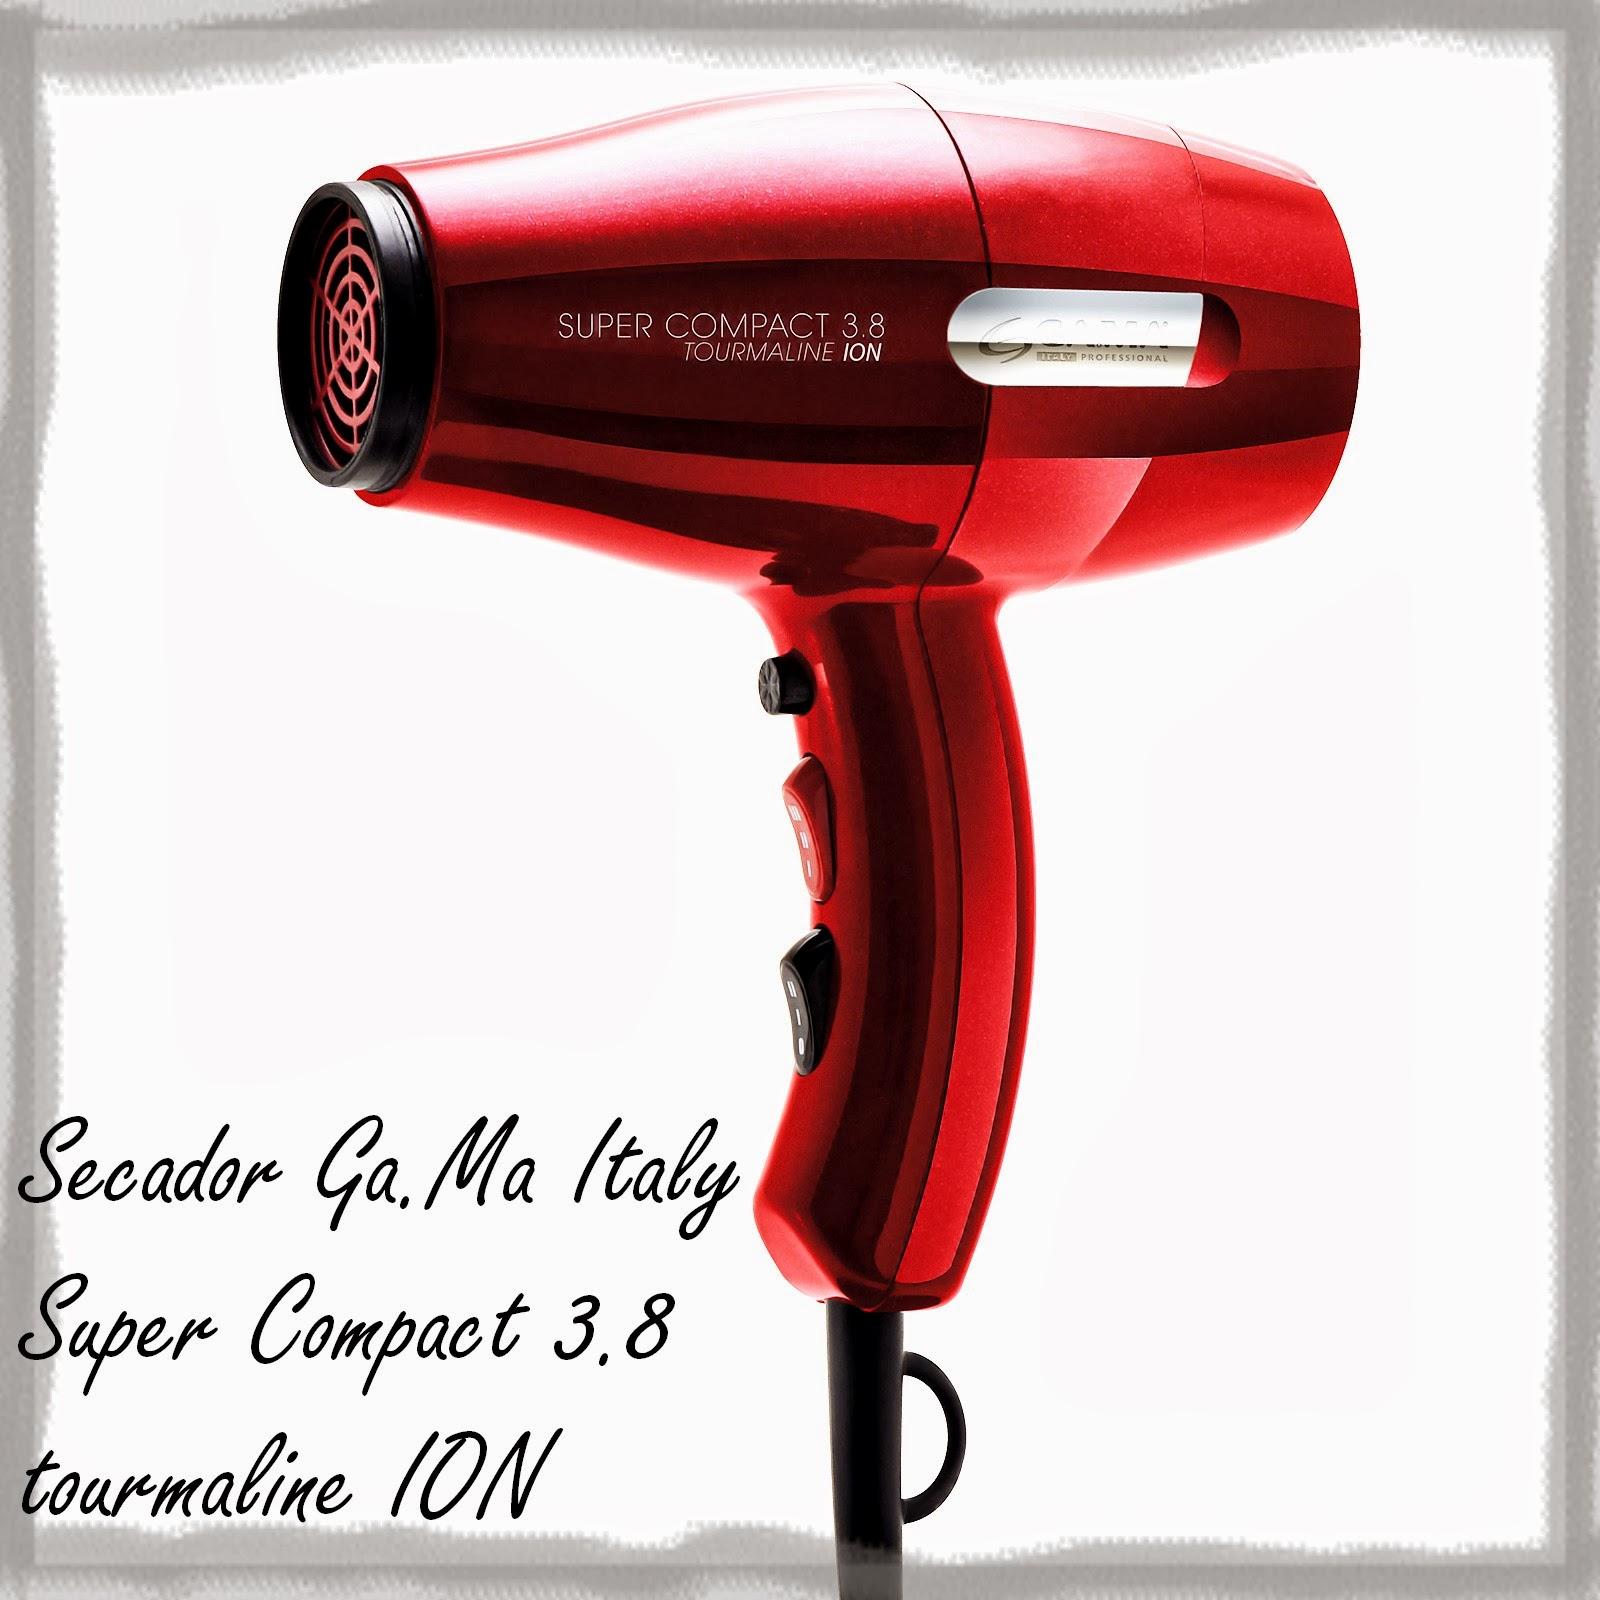 6e8e4909a Descrição do equipamento  O Gama Italy Secador Super Compact 3.8 Tourmaline  Ion oferece secagem perfeita sem danificar os cabelos. Seu Motor AC  profissional ...